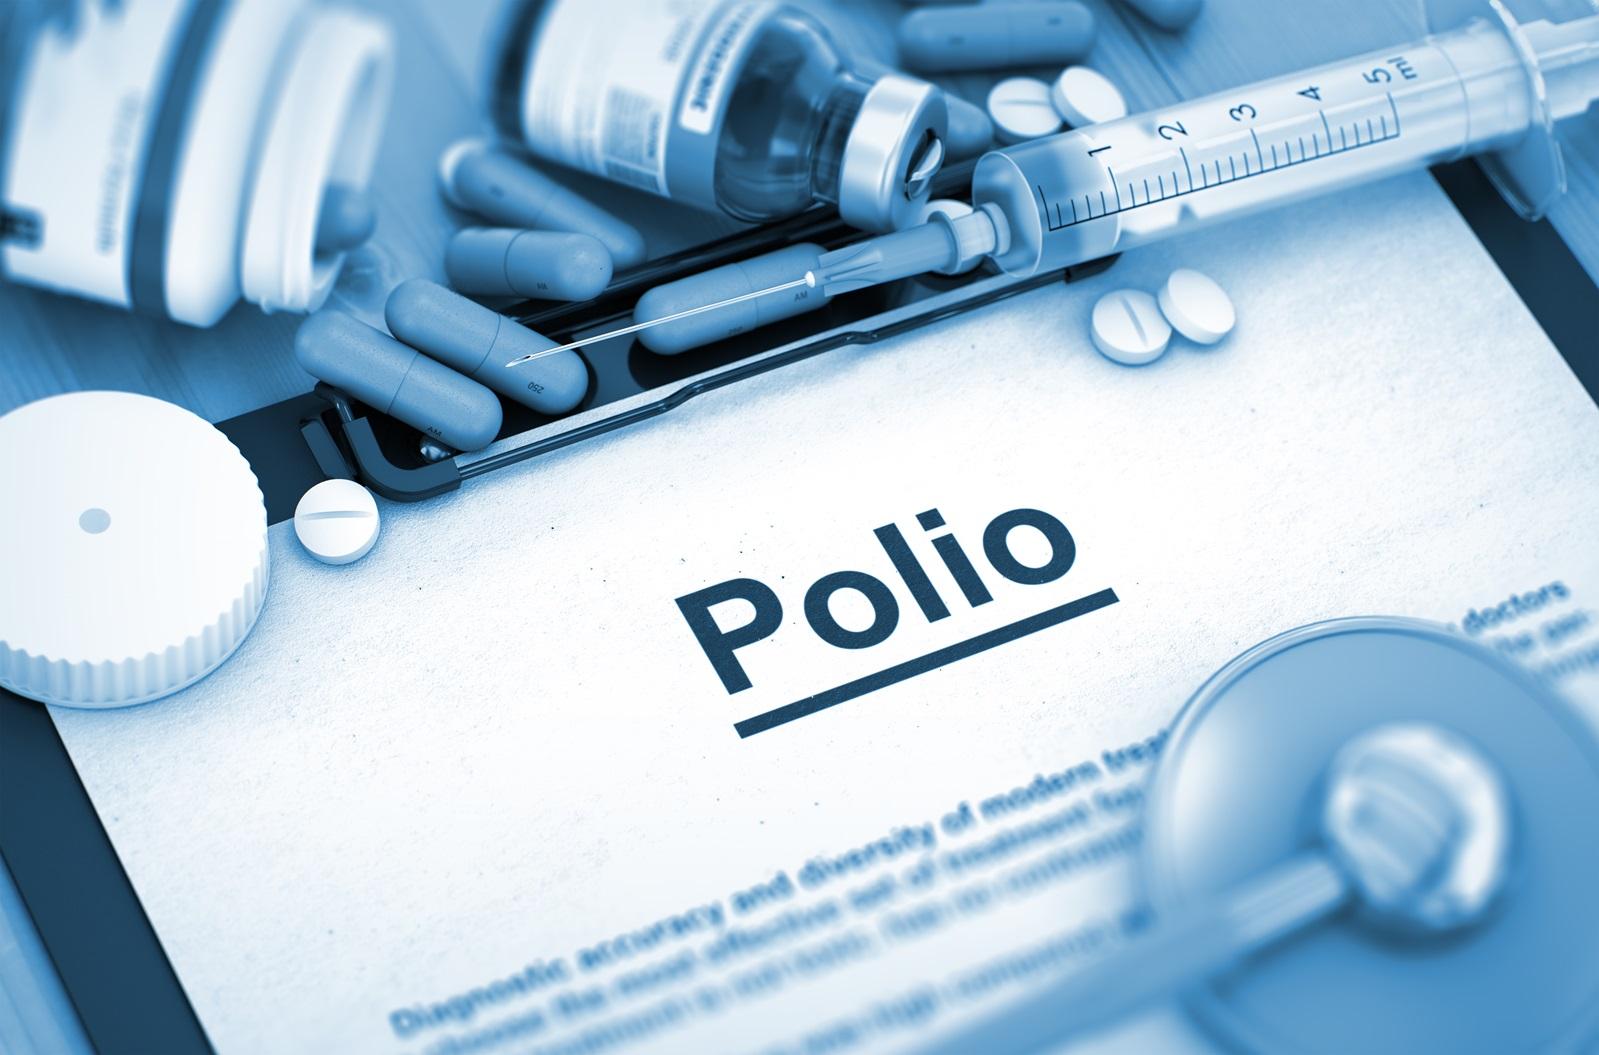 Polio 01